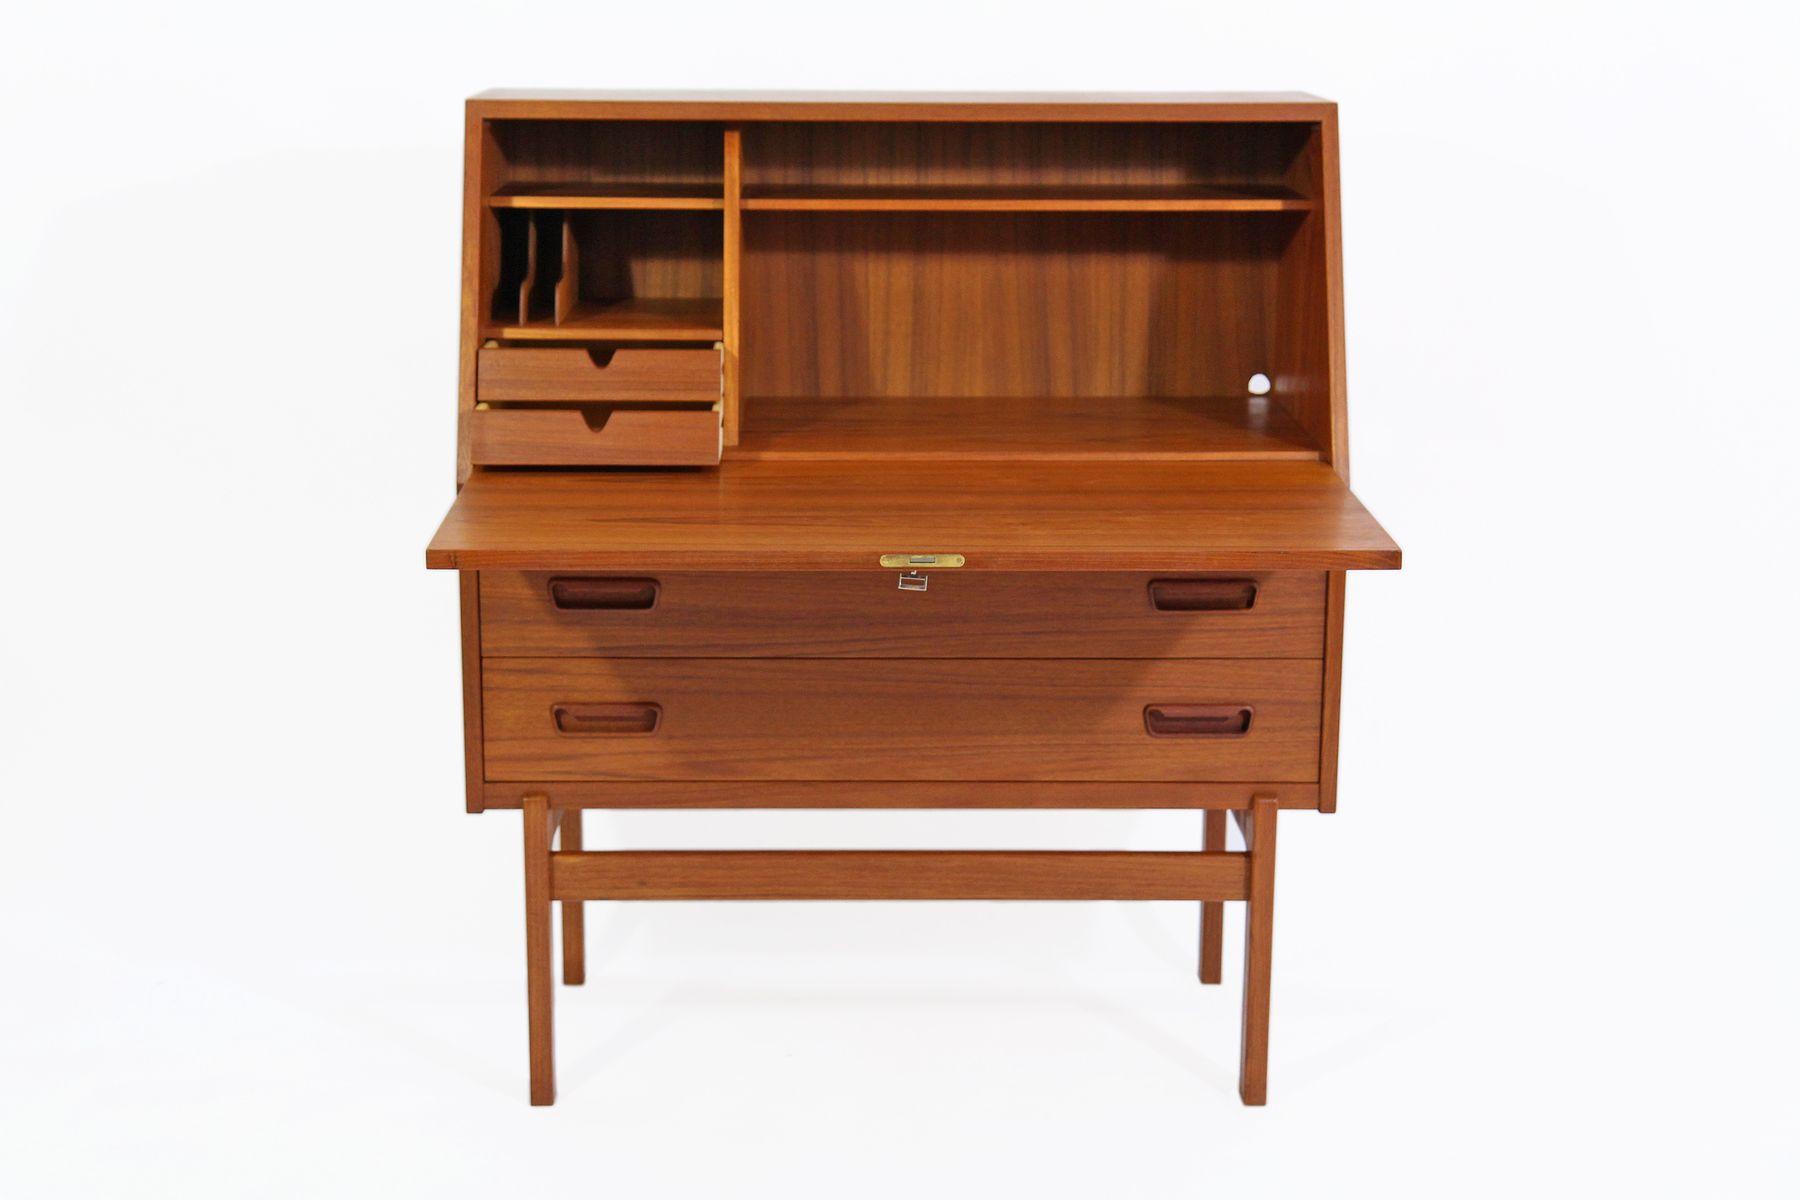 mod 68 teak sekret r von arne wahl iversen f r vinde. Black Bedroom Furniture Sets. Home Design Ideas